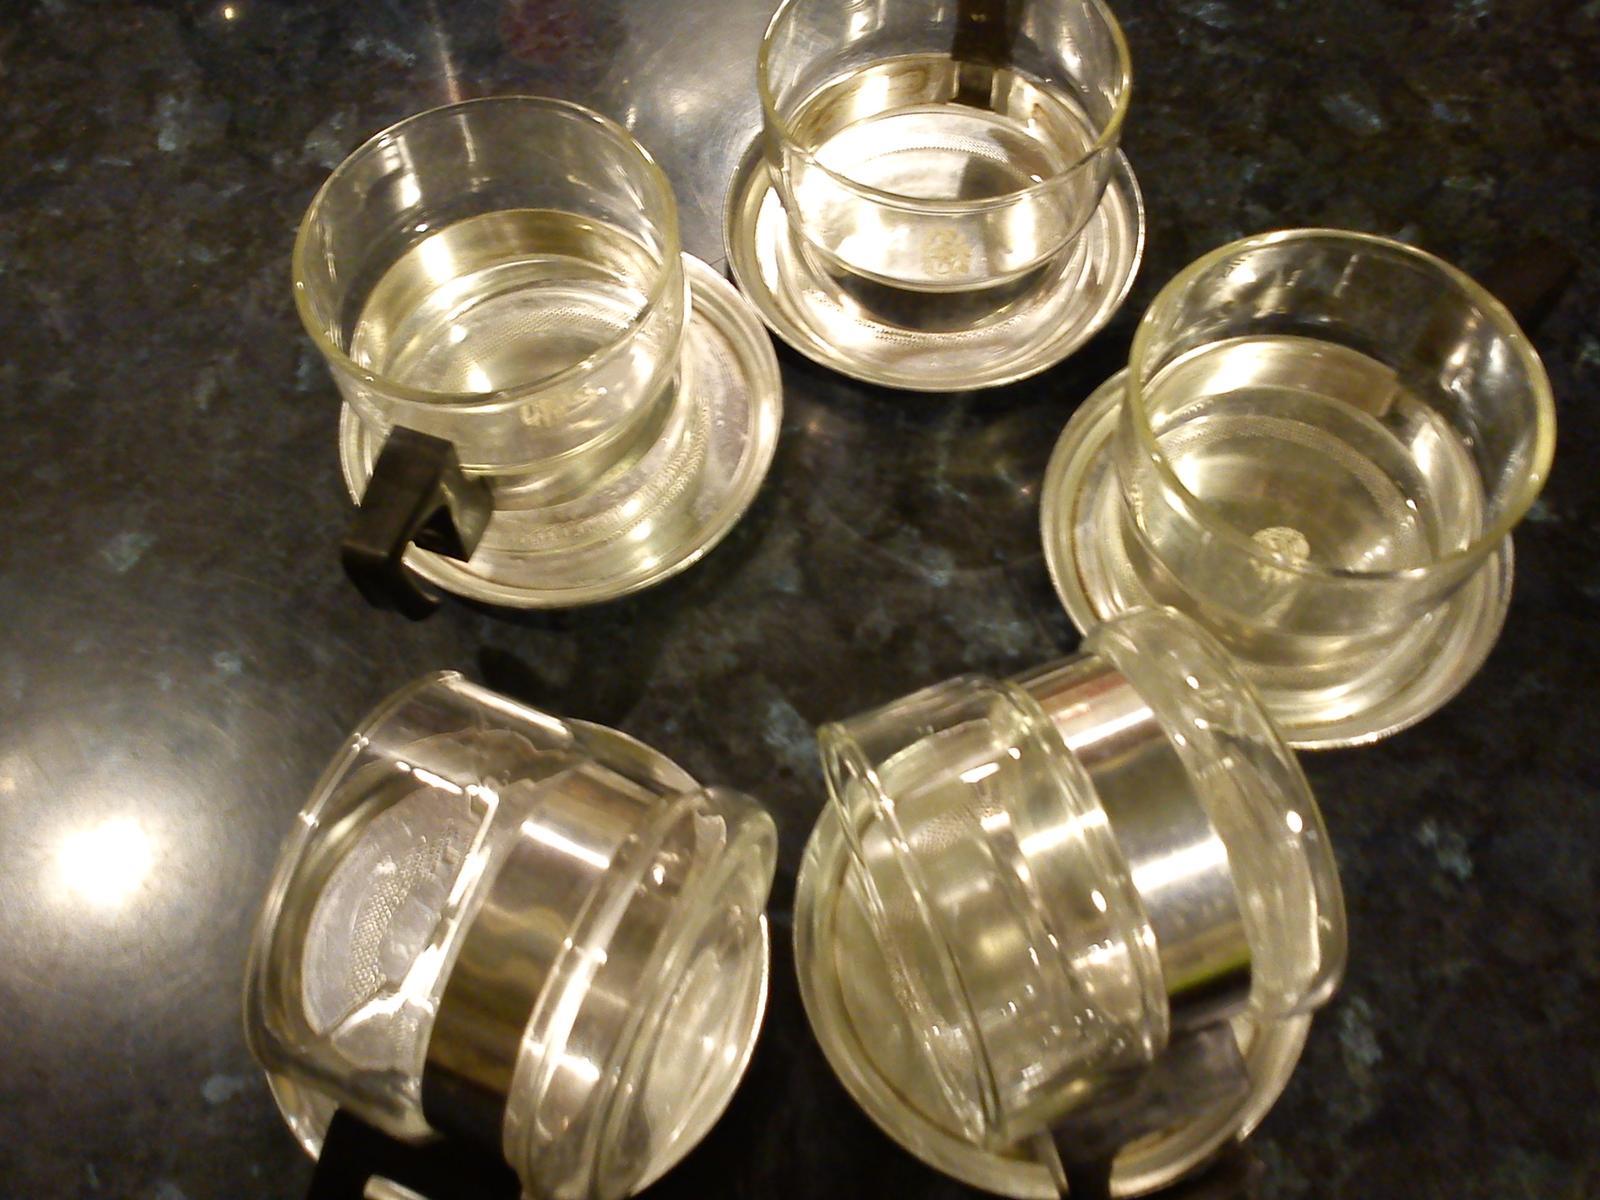 Sklenené poháre - Obrázok č. 1